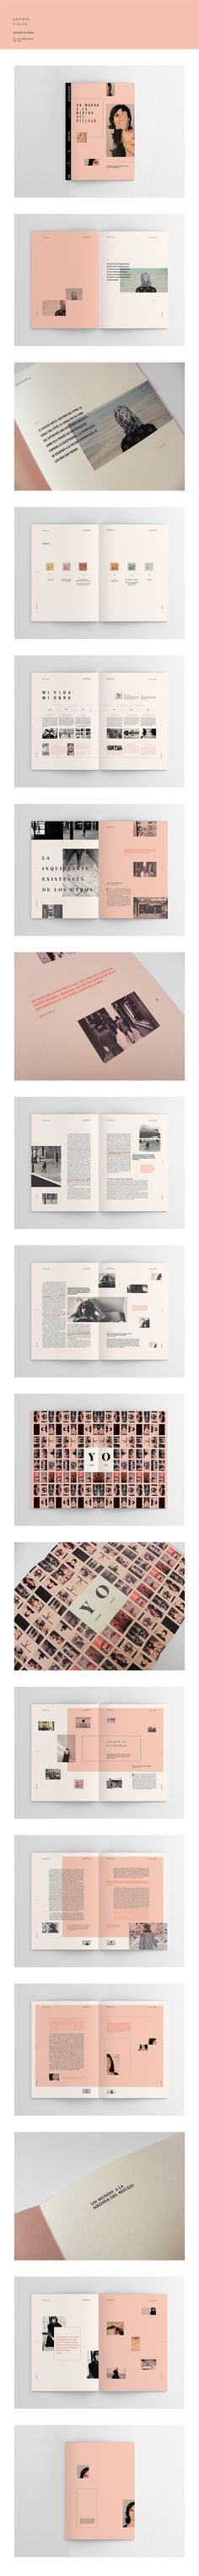 Sophie Calle | Hacedores de Mundo – design by Yamila Troilo